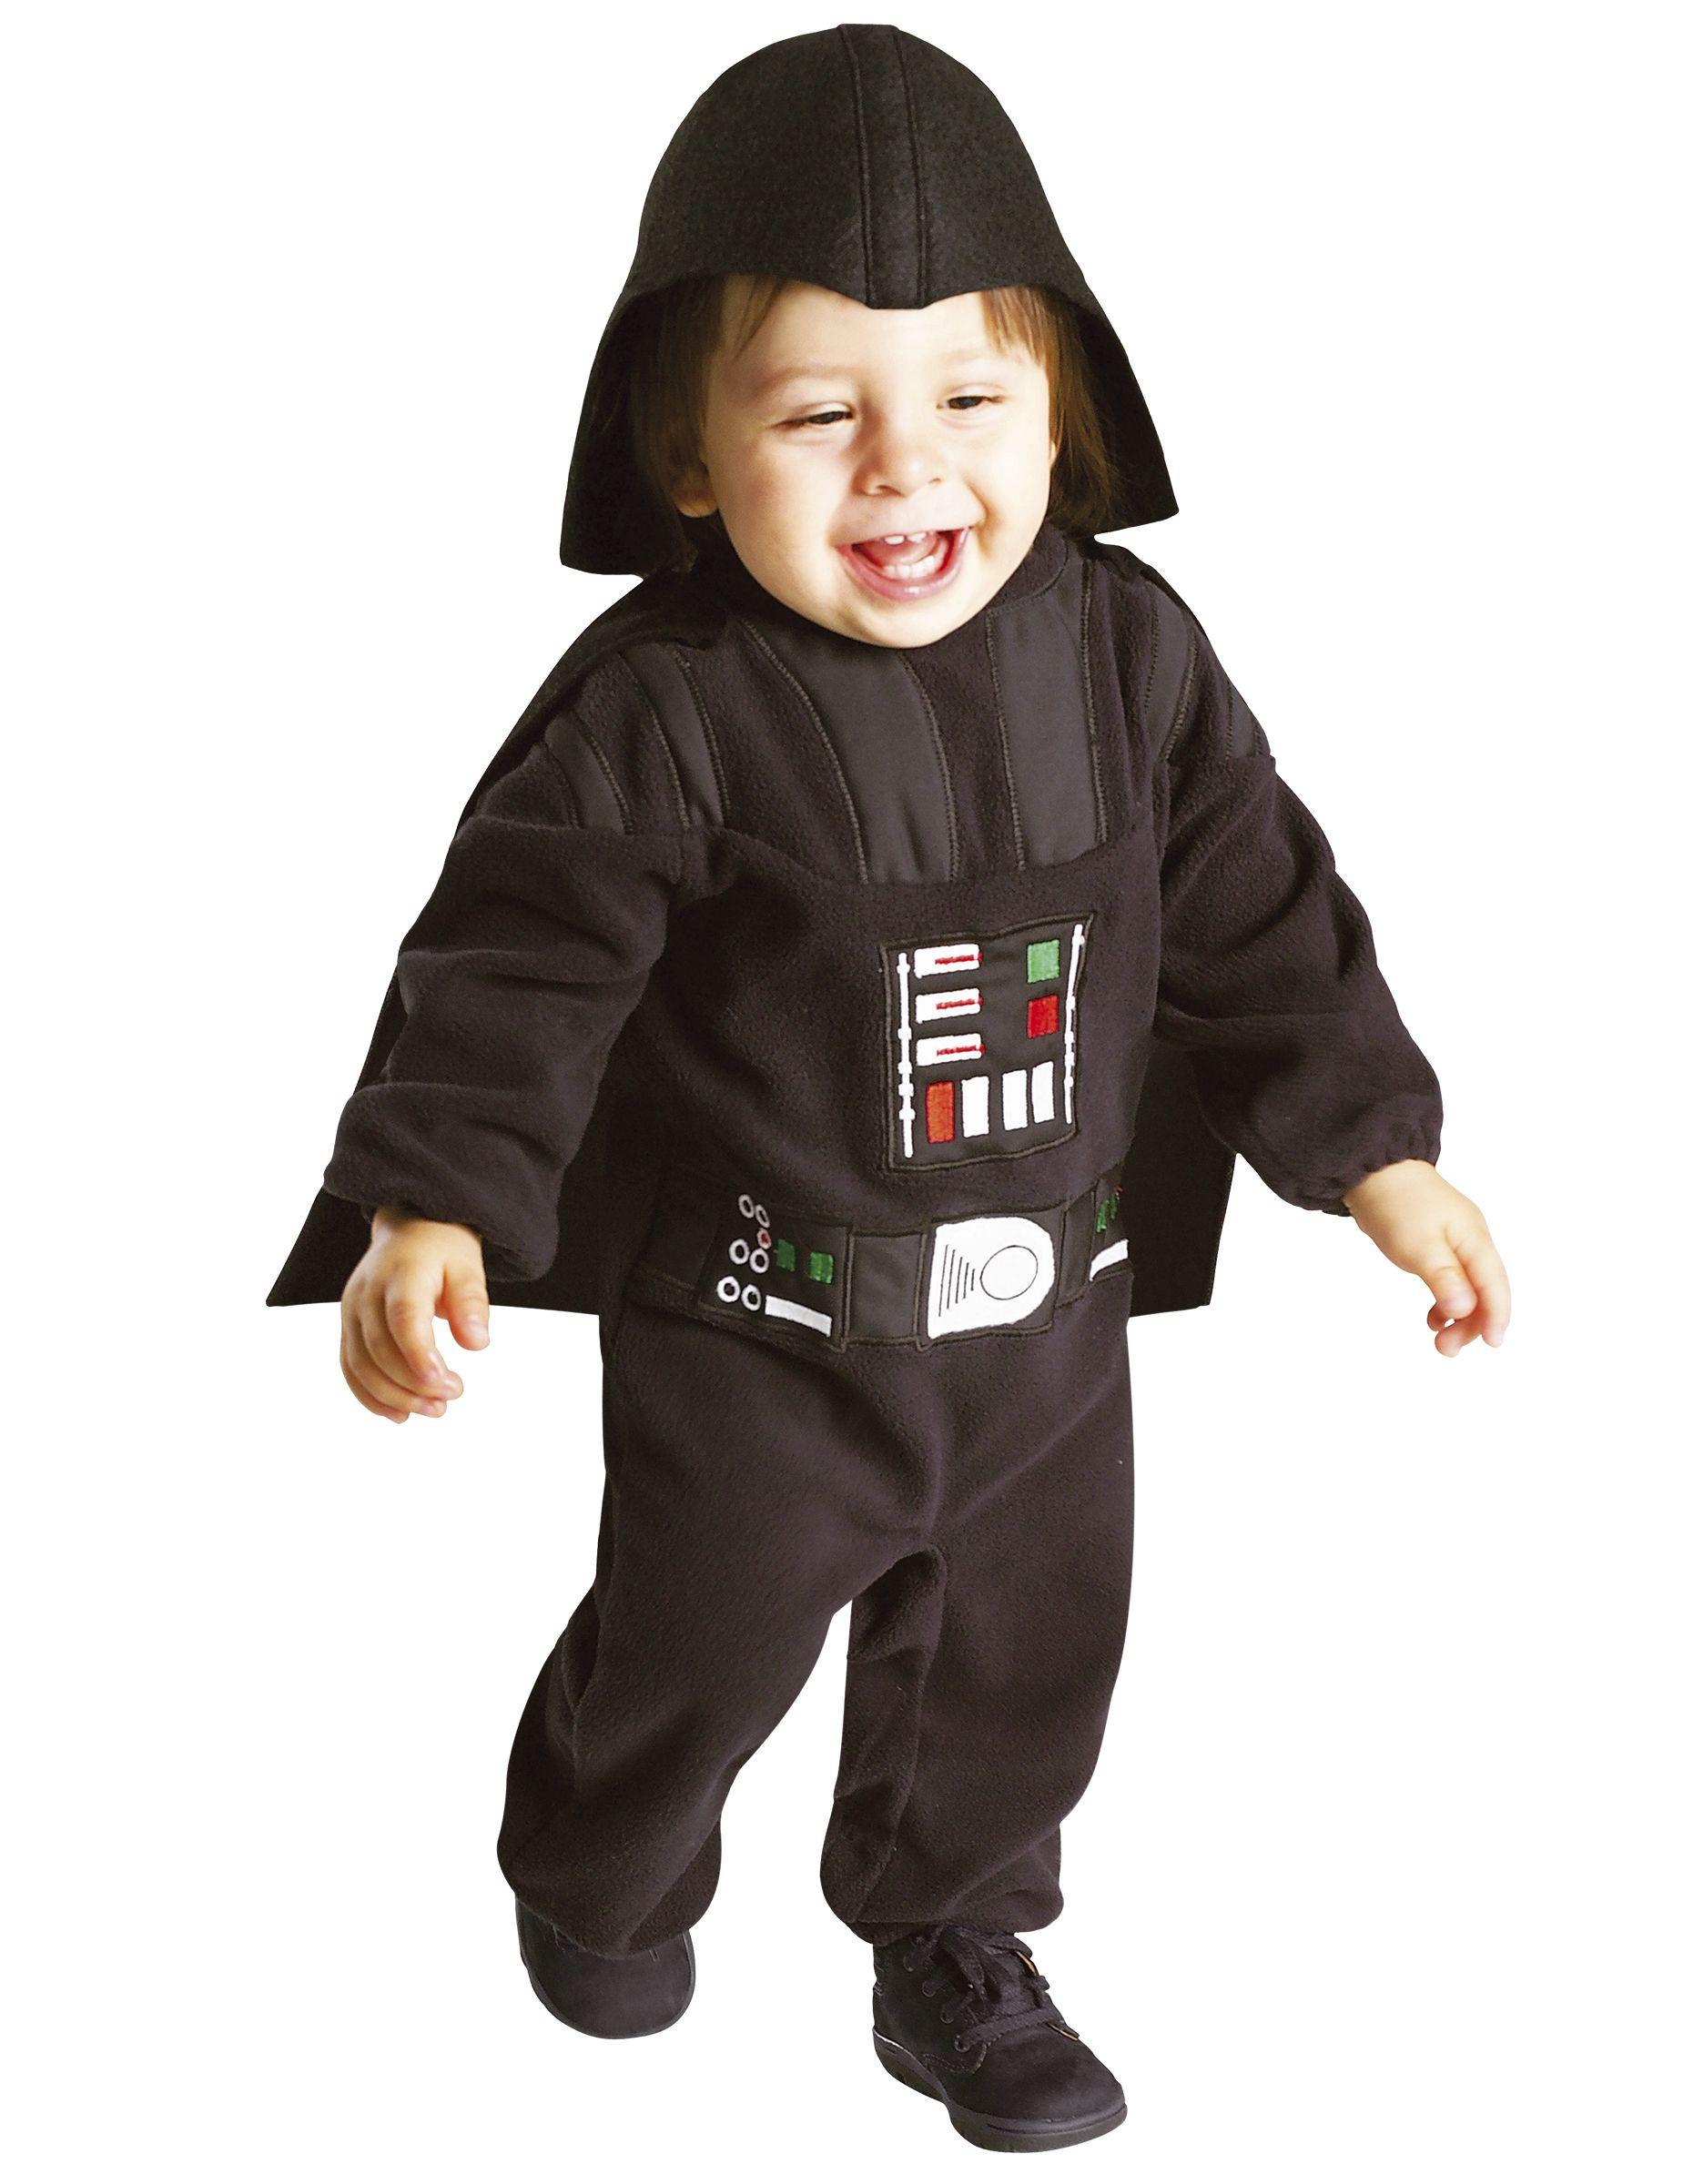 Dit Star Wars™ Darth Vader™ kostuum voor baby's zal ideaal geschikt zijn als carnavalskleding voor uw allerjongste! - Nu verkrijgbaar op Vegaoo.nl